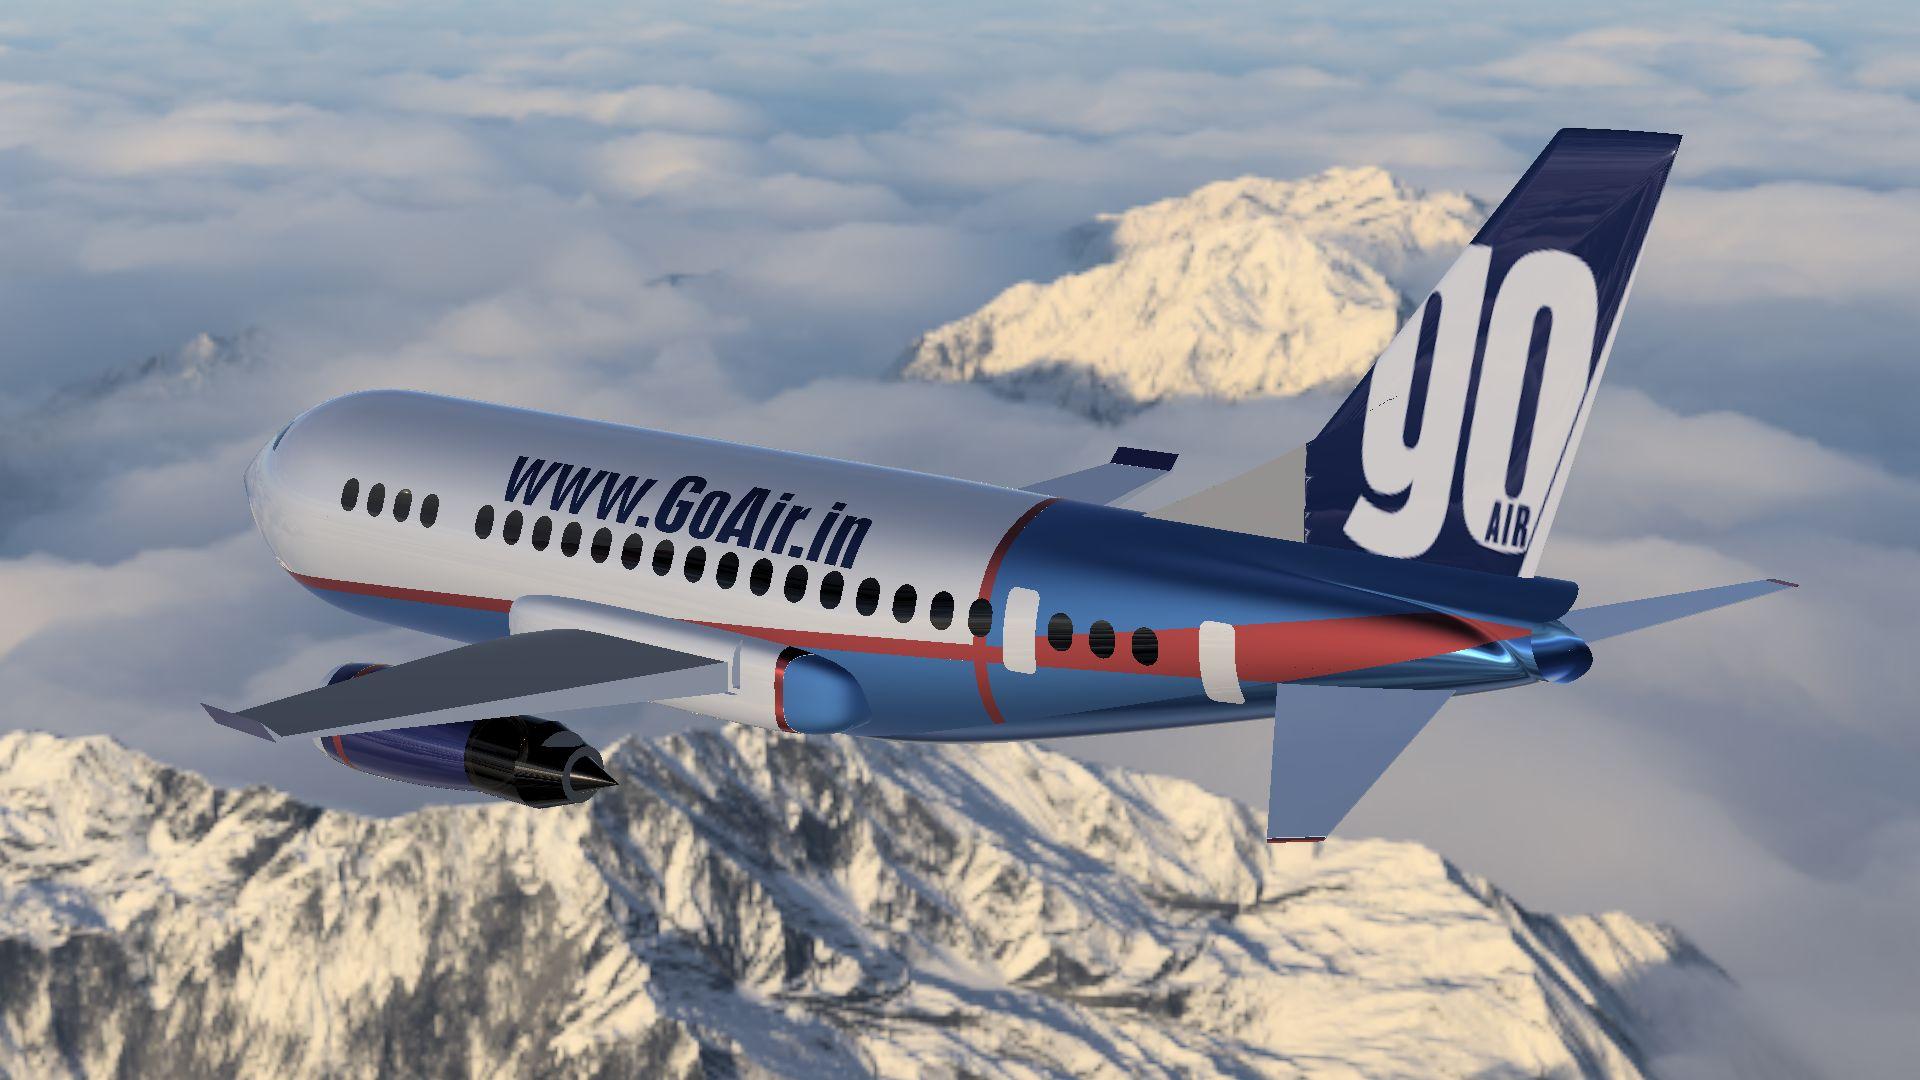 Go-air-737-002-3500-3500